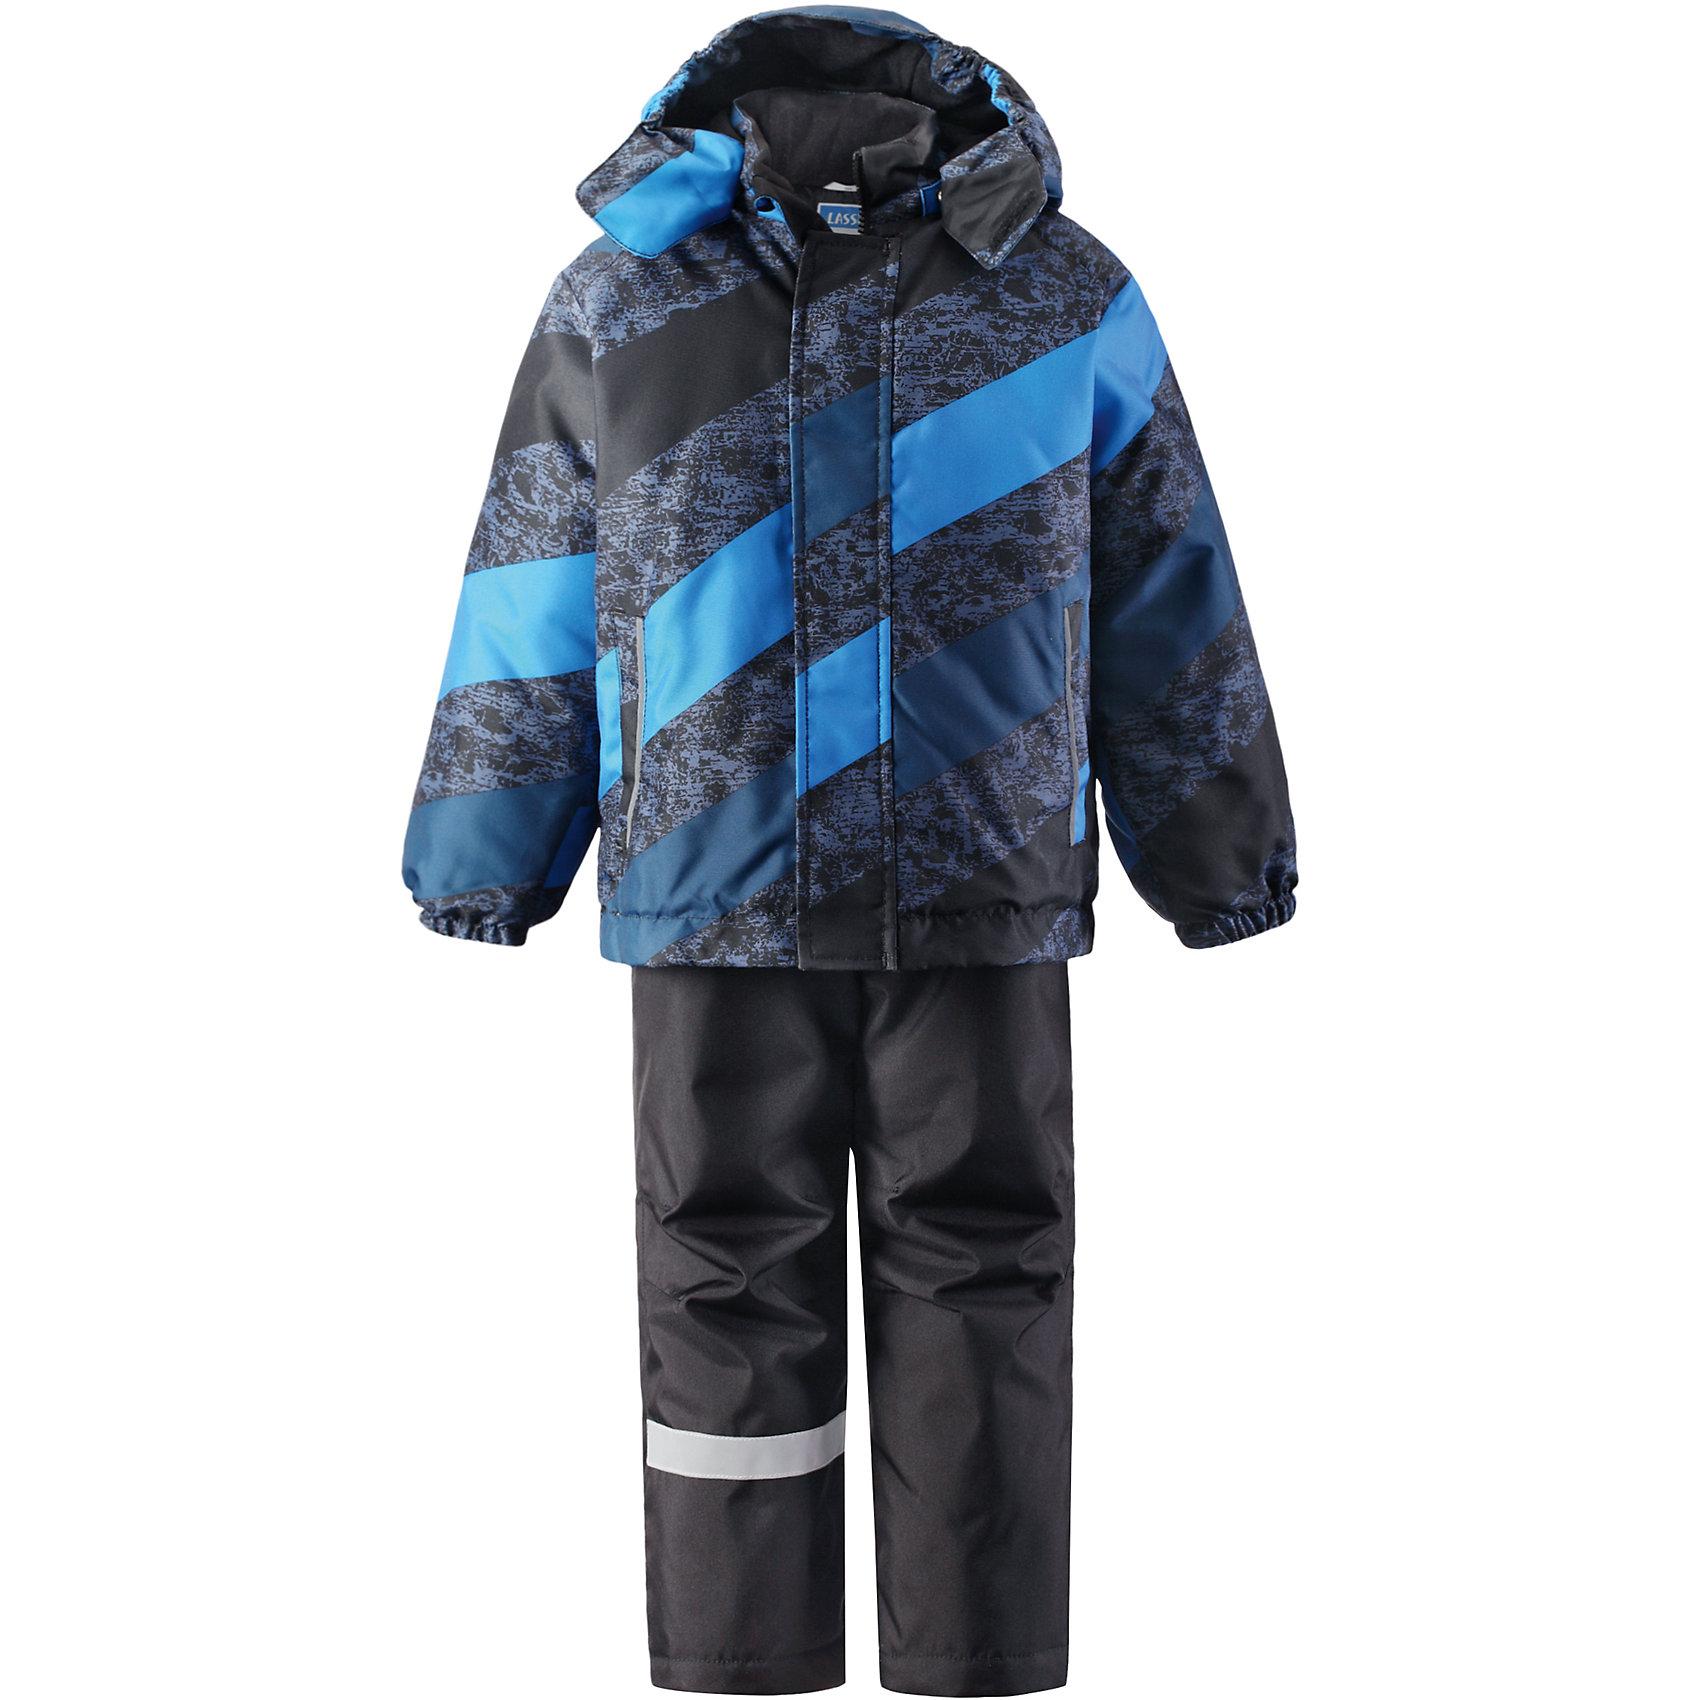 Комплект для мальчика LASSIEЗимний комплект для детей известной финской марки.<br><br>- Сверхпрочный материал. Водоотталкивающий, ветронепроницаемый, «дышащий» и грязеотталкивающий материал.<br>- Задний серединный шов брюк проклеен. <br>- Гладкая подкладка из полиэстра.<br>-  Средняя степень утепления.<br>-  Безопасный, съемный капюшон.<br>-  Эластичные манжеты. Эластичная талия. <br>- Снегозащитные манжеты на штанинах. <br>- Ширинка на молнии. Два прорезных кармана.<br>-  Регулируемые и отстегивающиеся эластичные подтяжки. <br>- Принт по всей поверхности.  <br><br>Рекомендации по уходу: Стирать по отдельности, вывернув наизнанку. Застегнуть молнии и липучки. Соблюдать температуру в соответствии с руководством по уходу. Стирать моющим средством, не содержащим отбеливающие вещества. Полоскать без специального средства. Сушение в сушильном шкафу разрешено при  низкой температуре.<br><br>Состав: 100% Полиамид, полиуретановое покрытие.  Утеплитель «Lassie wadding» 100гр.(брюки); 180гр.(куртка).<br><br>Ширина мм: 190<br>Глубина мм: 74<br>Высота мм: 229<br>Вес г: 236<br>Цвет: черный<br>Возраст от месяцев: 18<br>Возраст до месяцев: 24<br>Пол: Мужской<br>Возраст: Детский<br>Размер: 92,98,140,104,110,116,122,128,134<br>SKU: 4782168